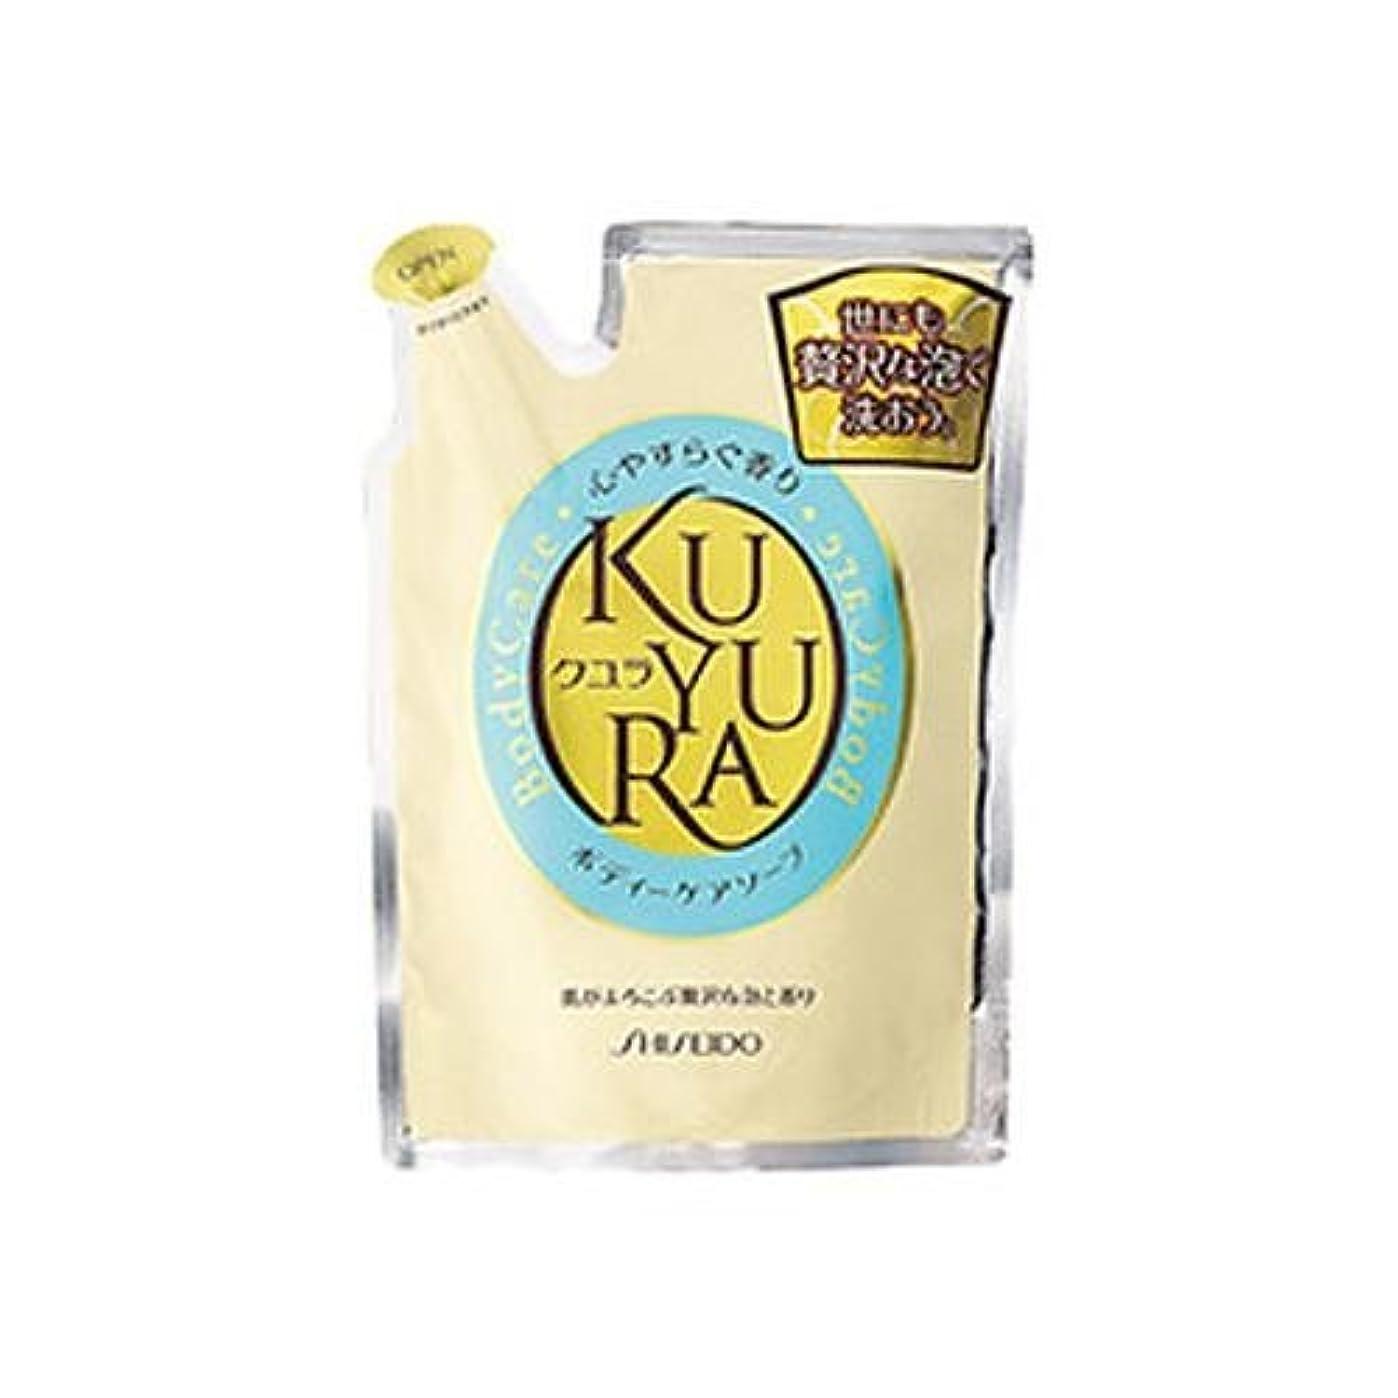 忌避剤ほとんどの場合人口資生堂 クユラ ボディケアソープ 心やすらぐ香り つめかえ用400ml×18点セット (4901872836260)